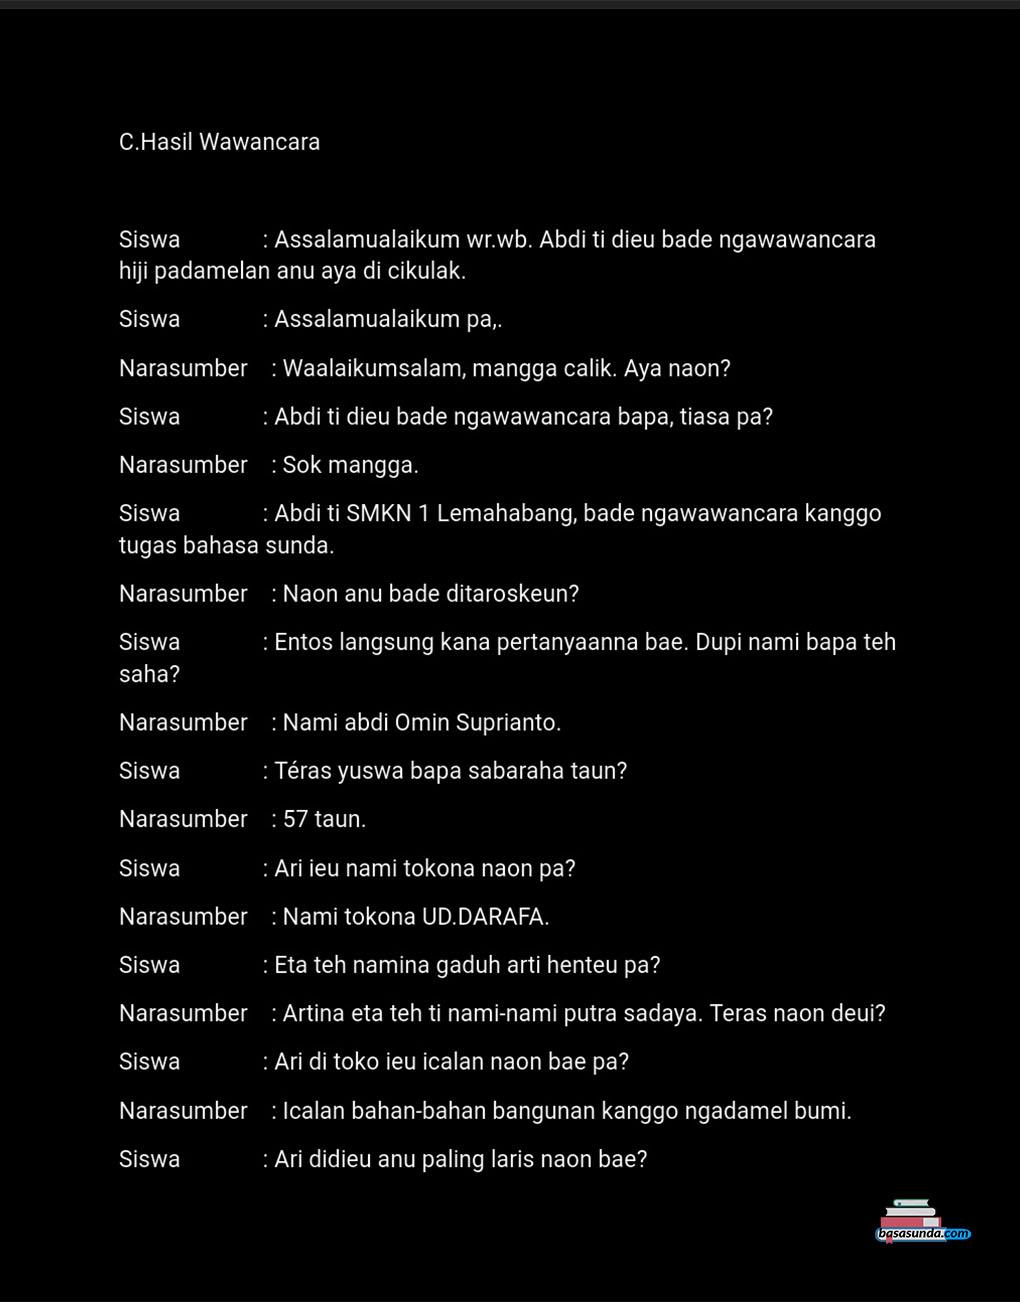 Contoh Makalah Laporan Kegiatan Bahasa Sunda